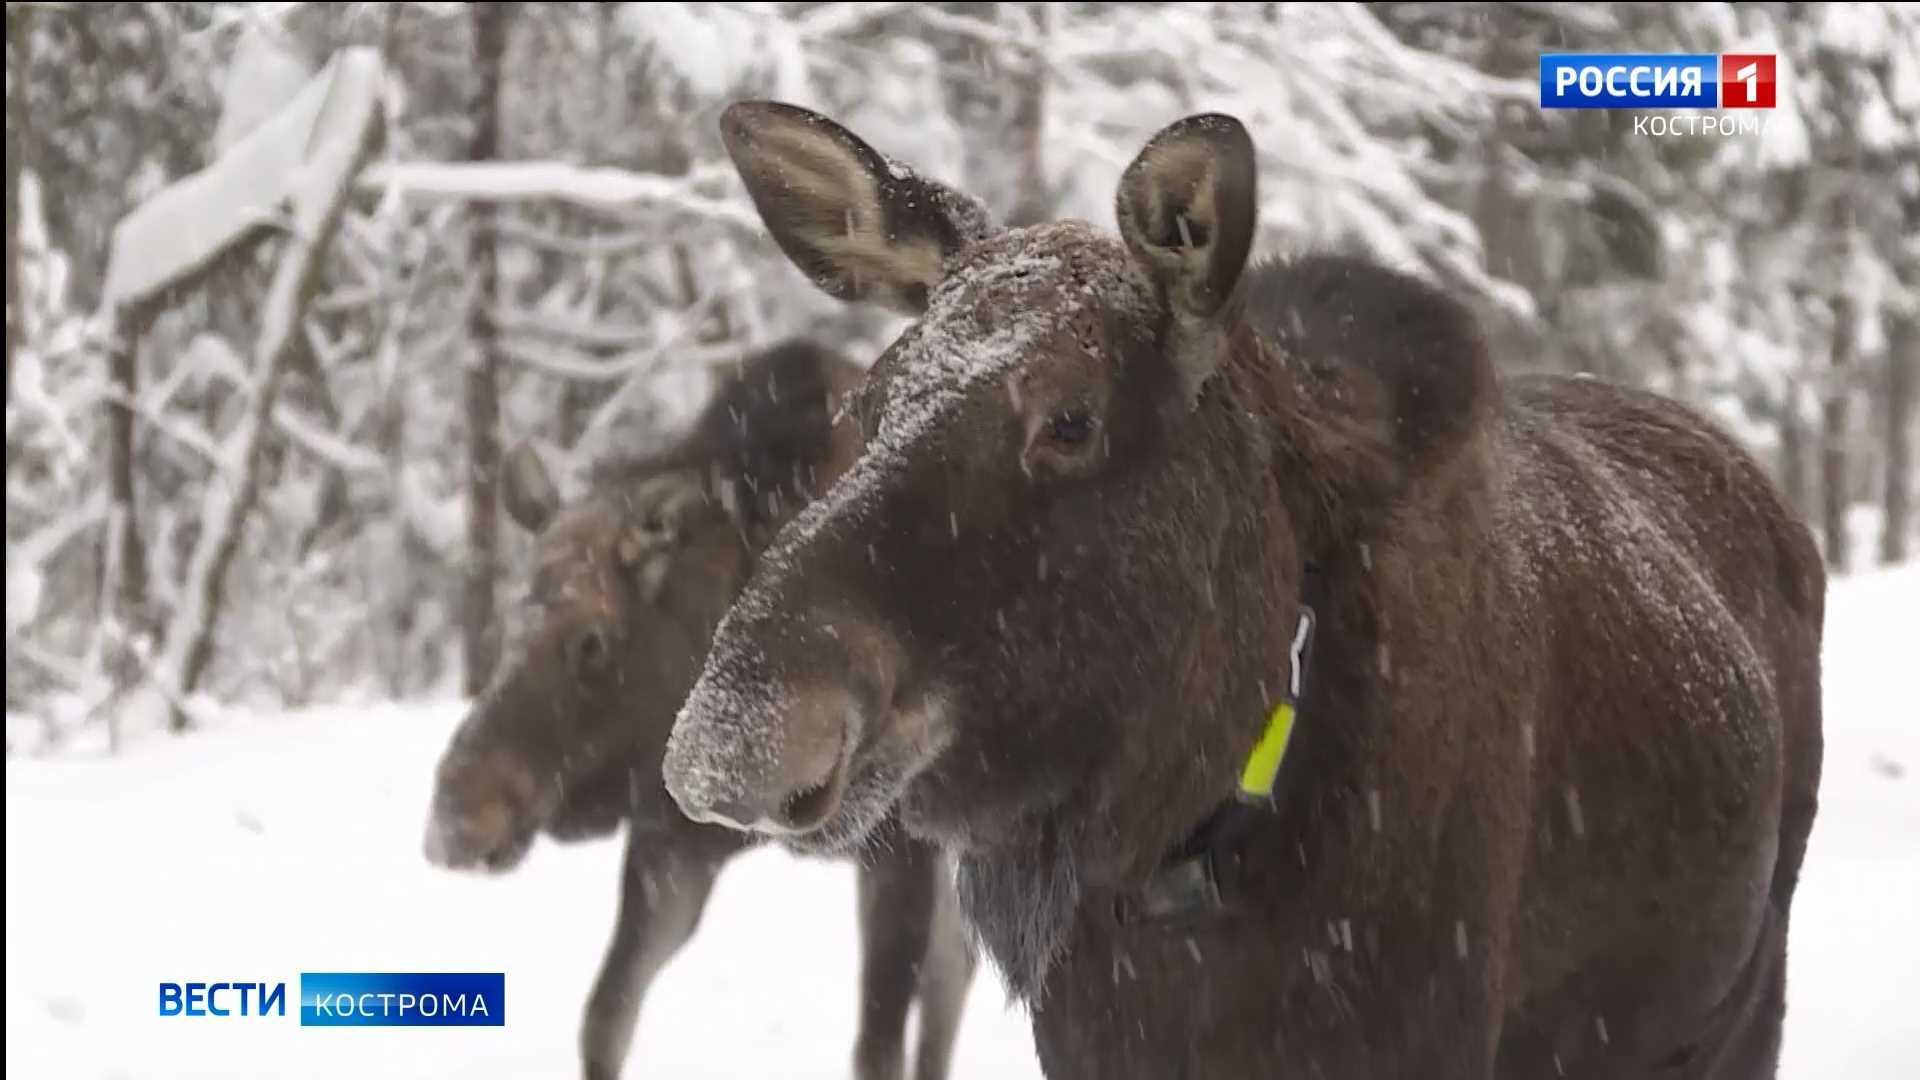 Жители костромской лосиной фермы переехали на зимние квартиры